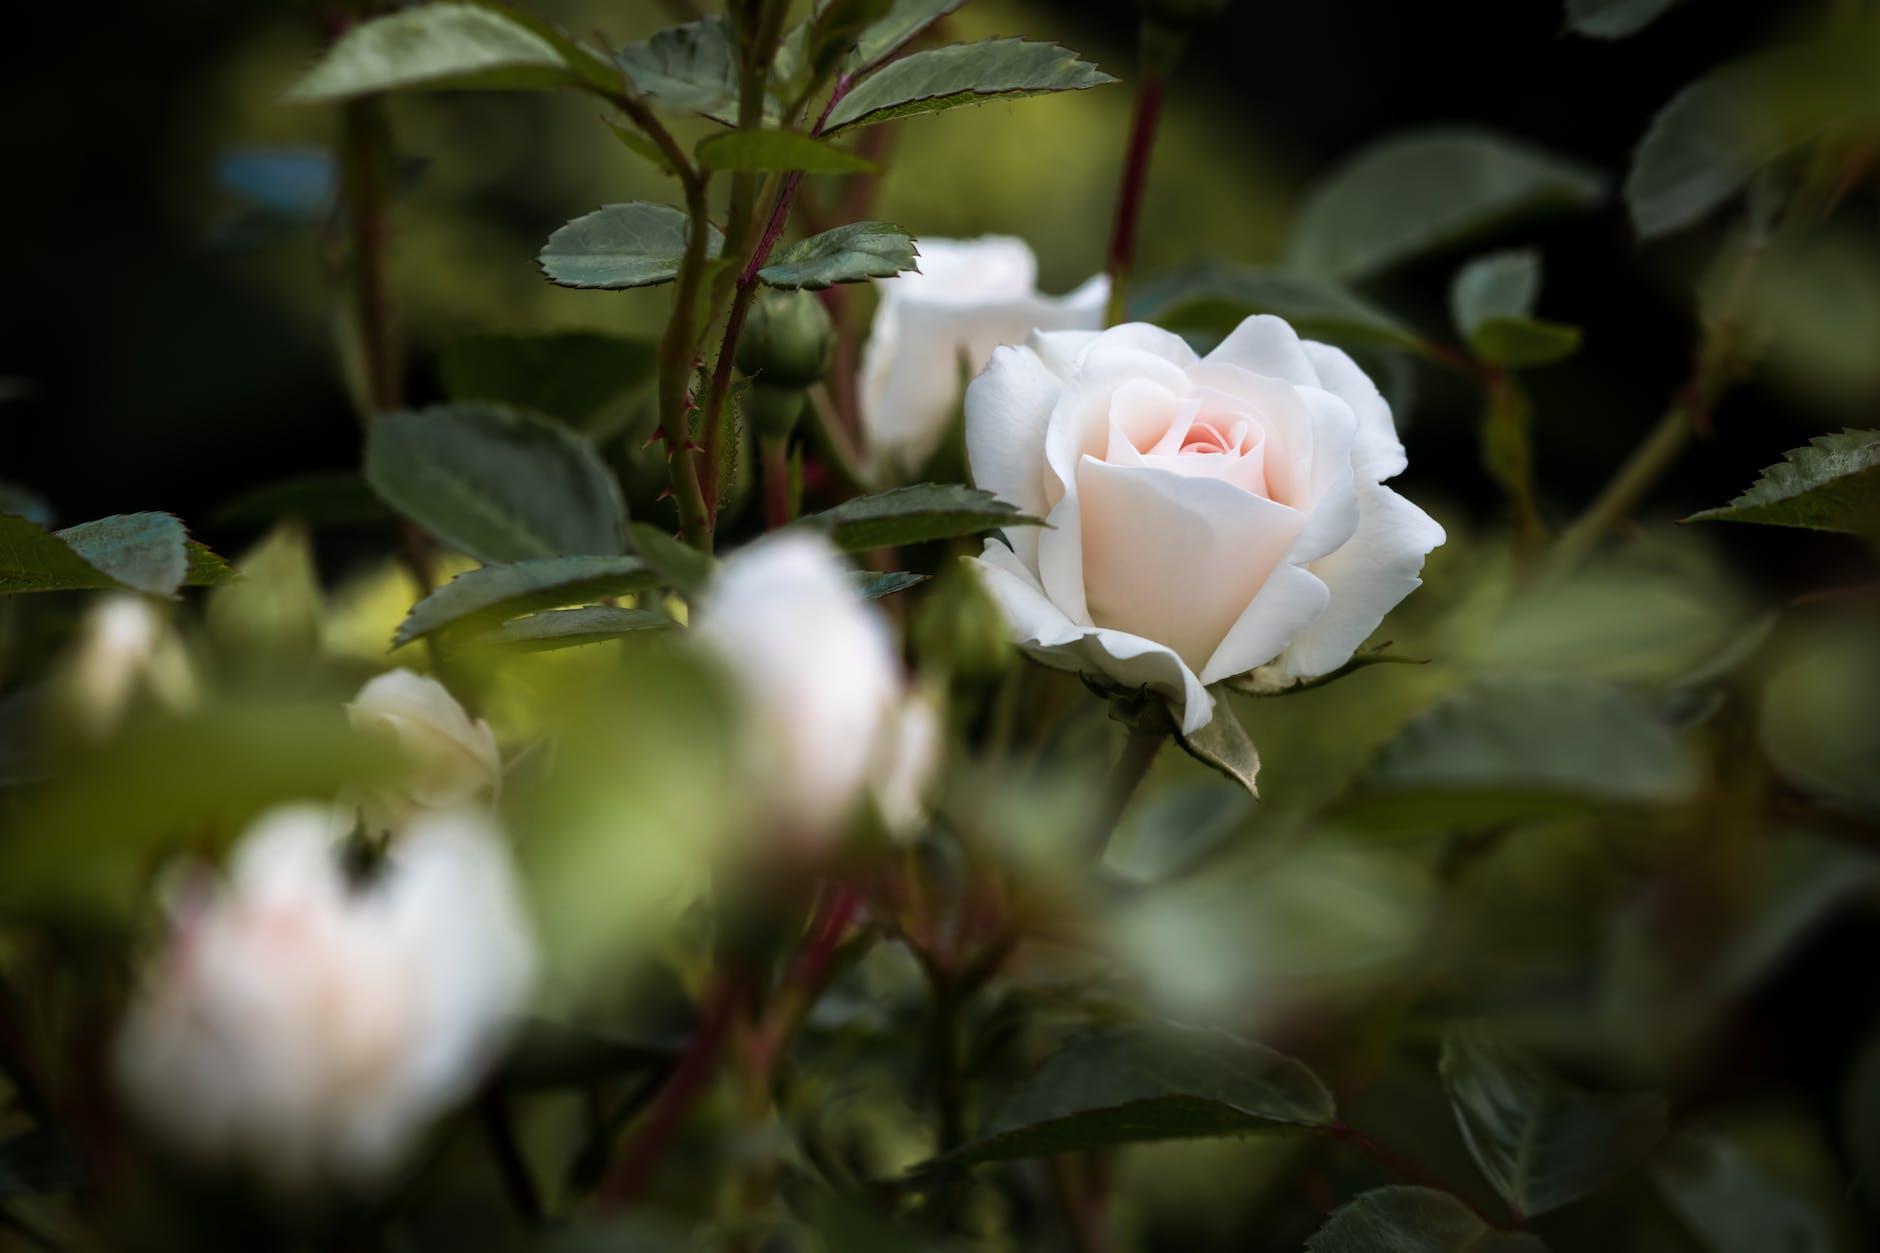 Bunga mawar putih asli